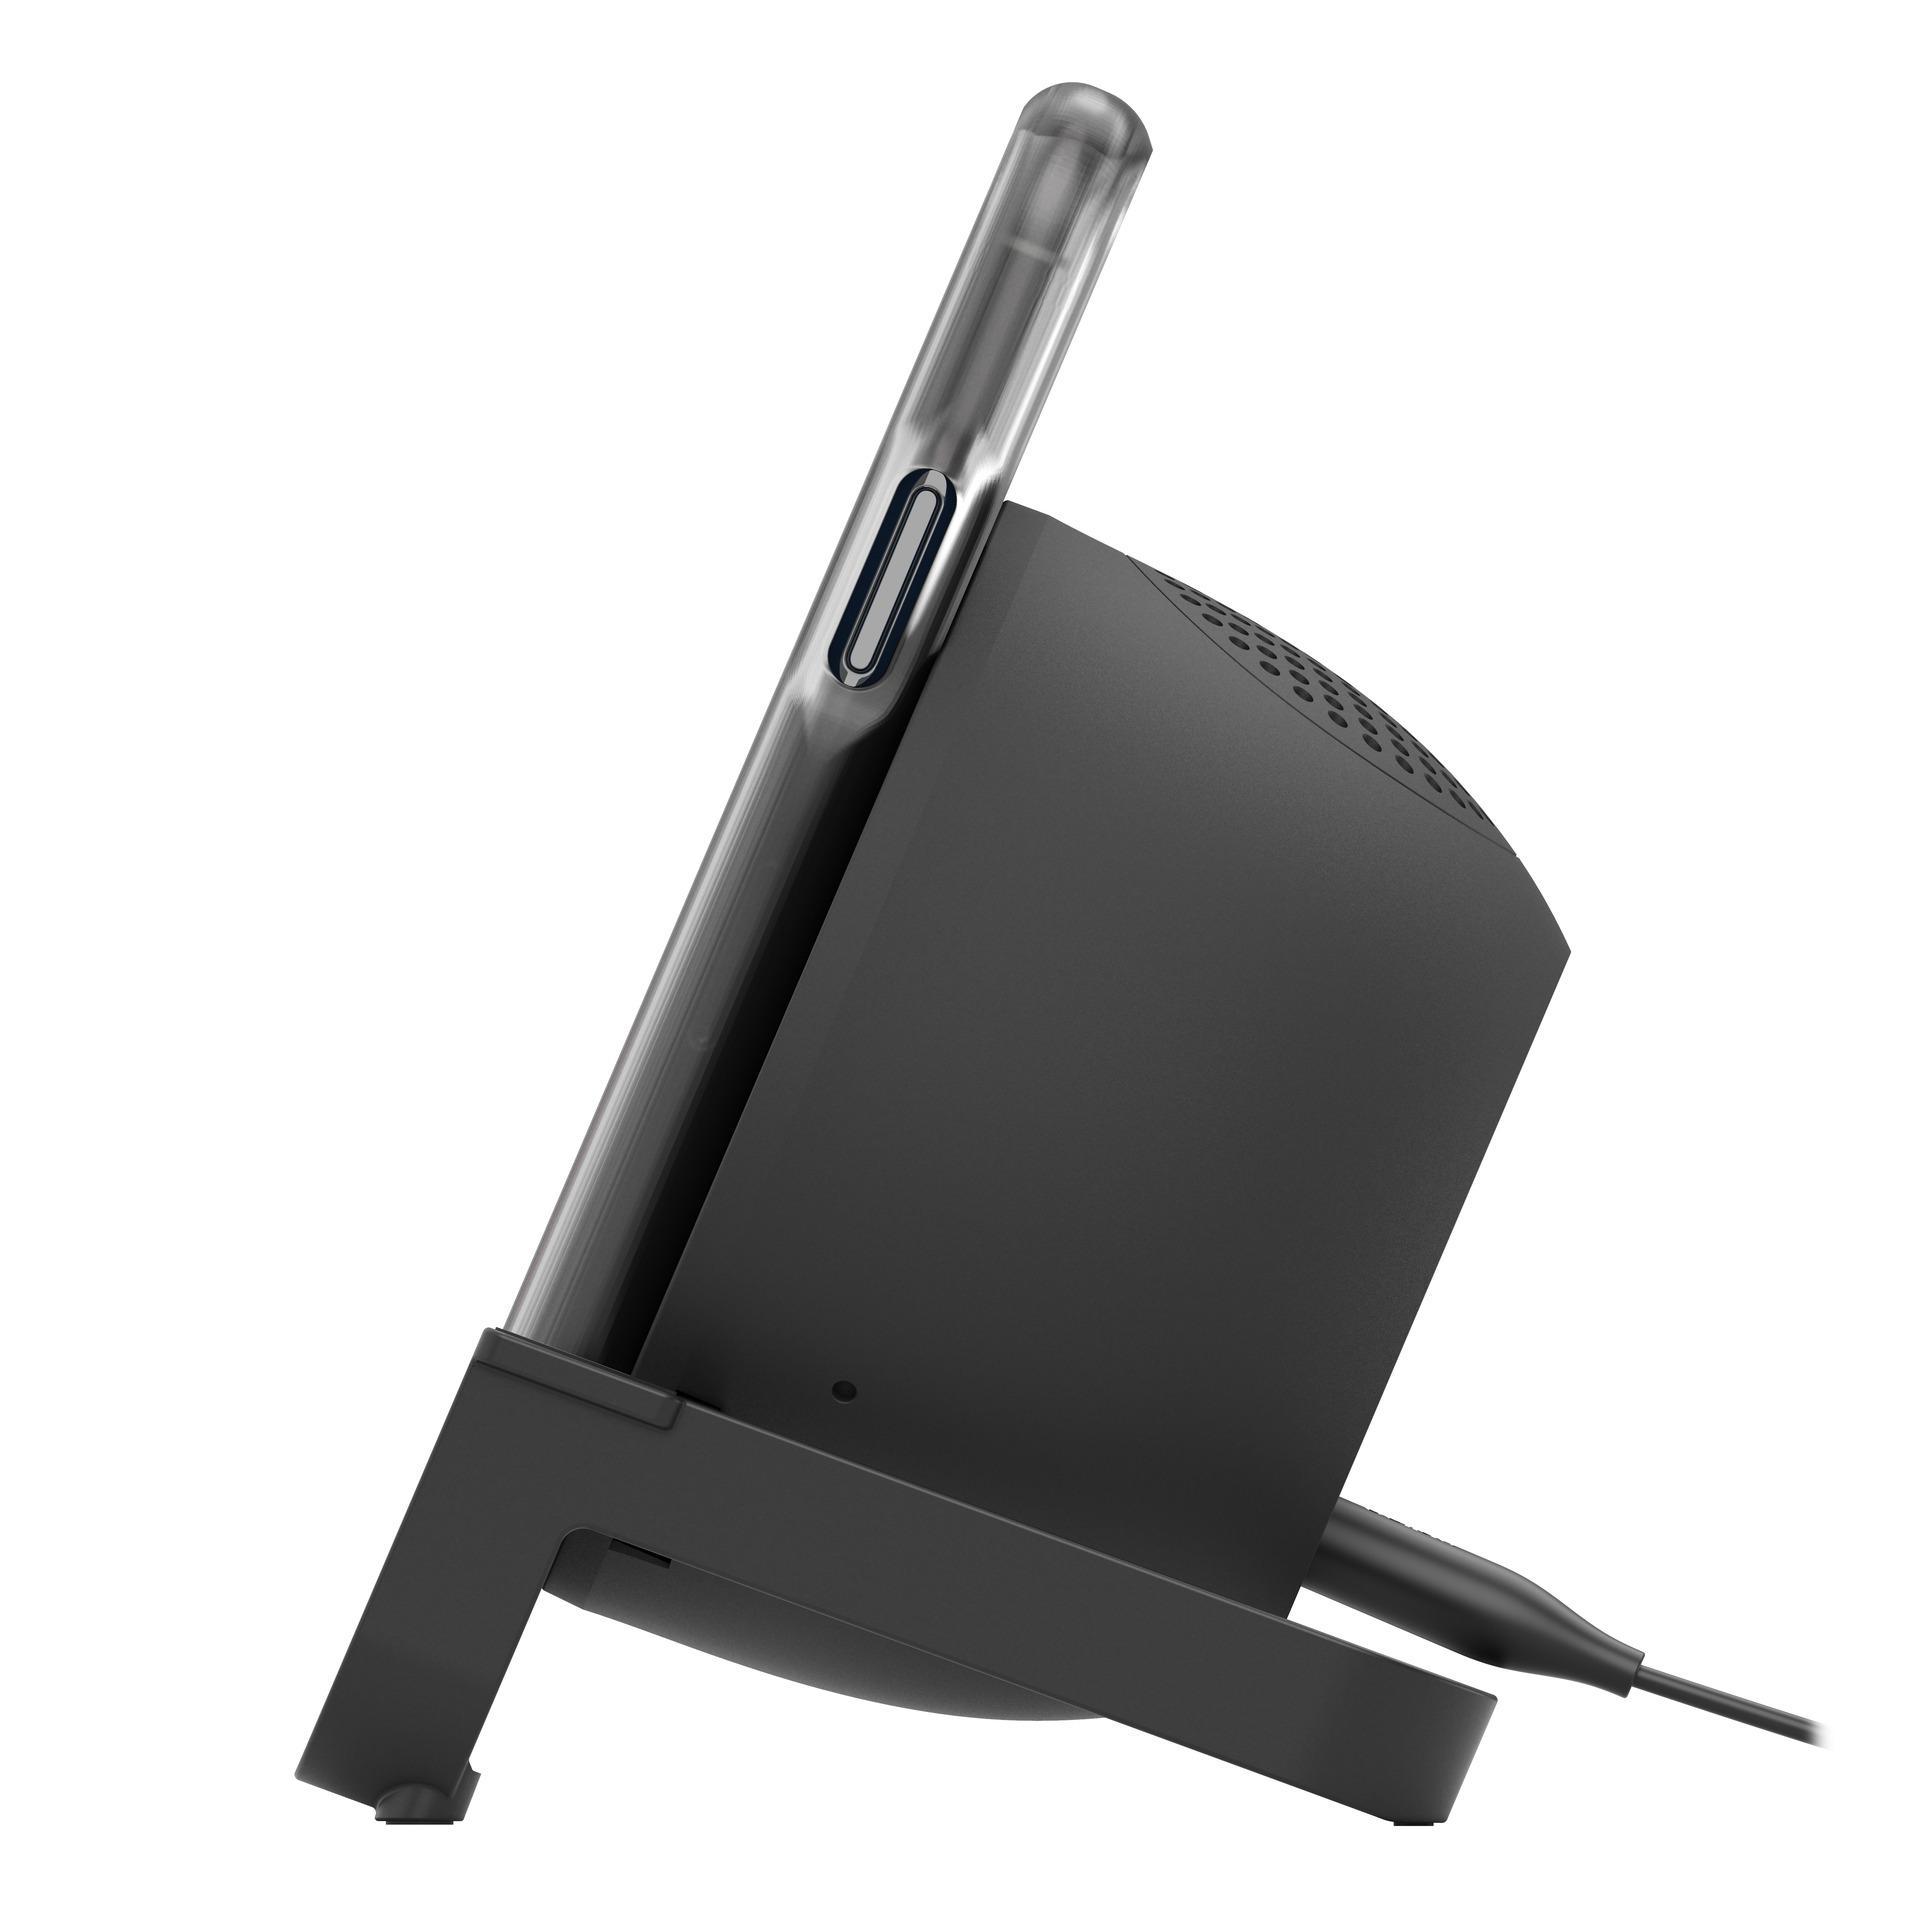 Indexbild 9 - Belkin BoostCharge Wireless Ladestation induktiv Lautsprecher Android iOS